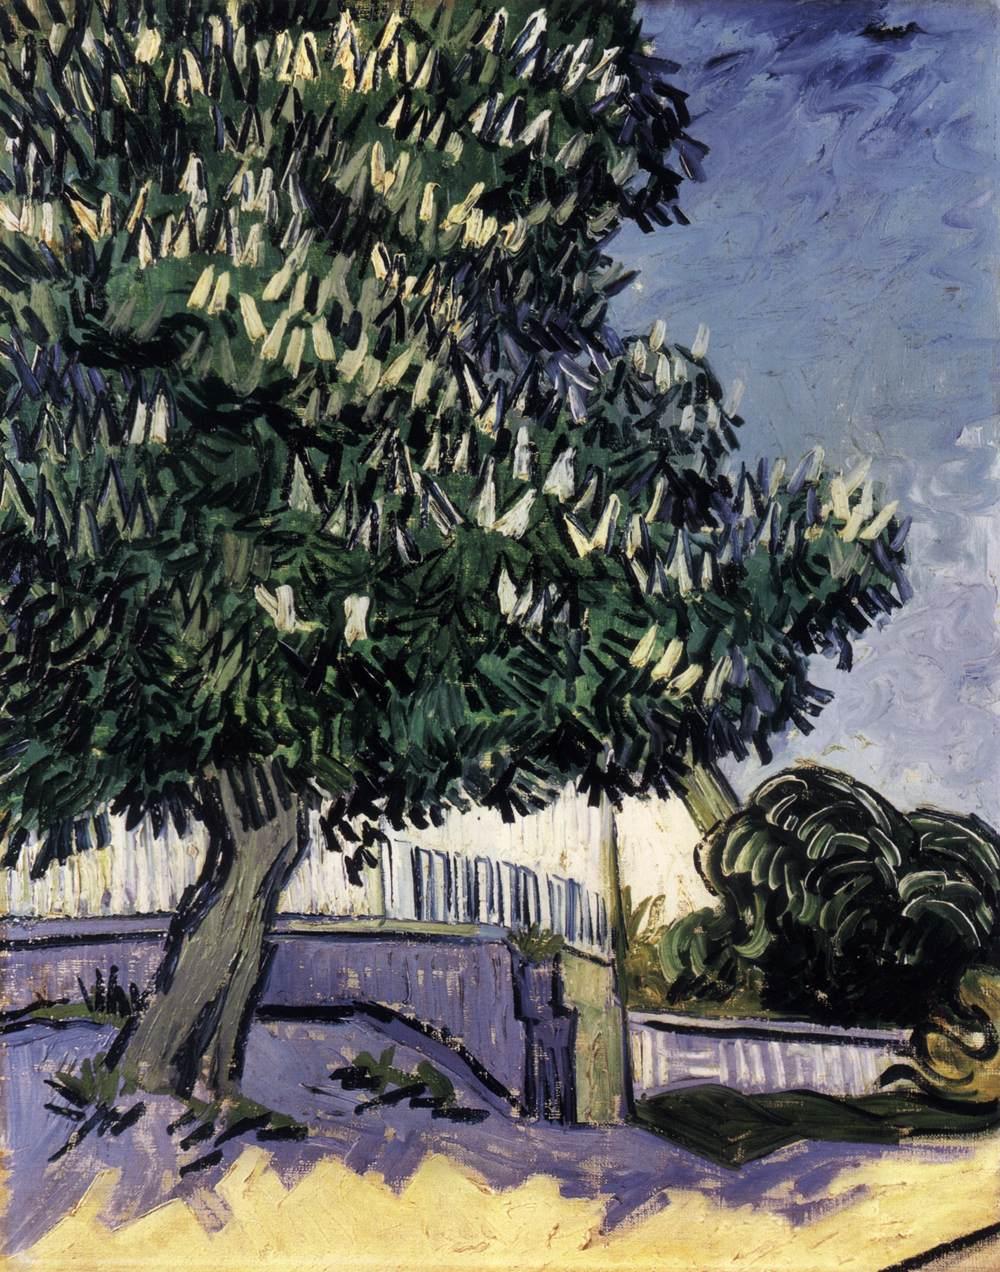 городской пейзаж Каштан в цвету :: Винсент Ван Гог - Van Gogh фото